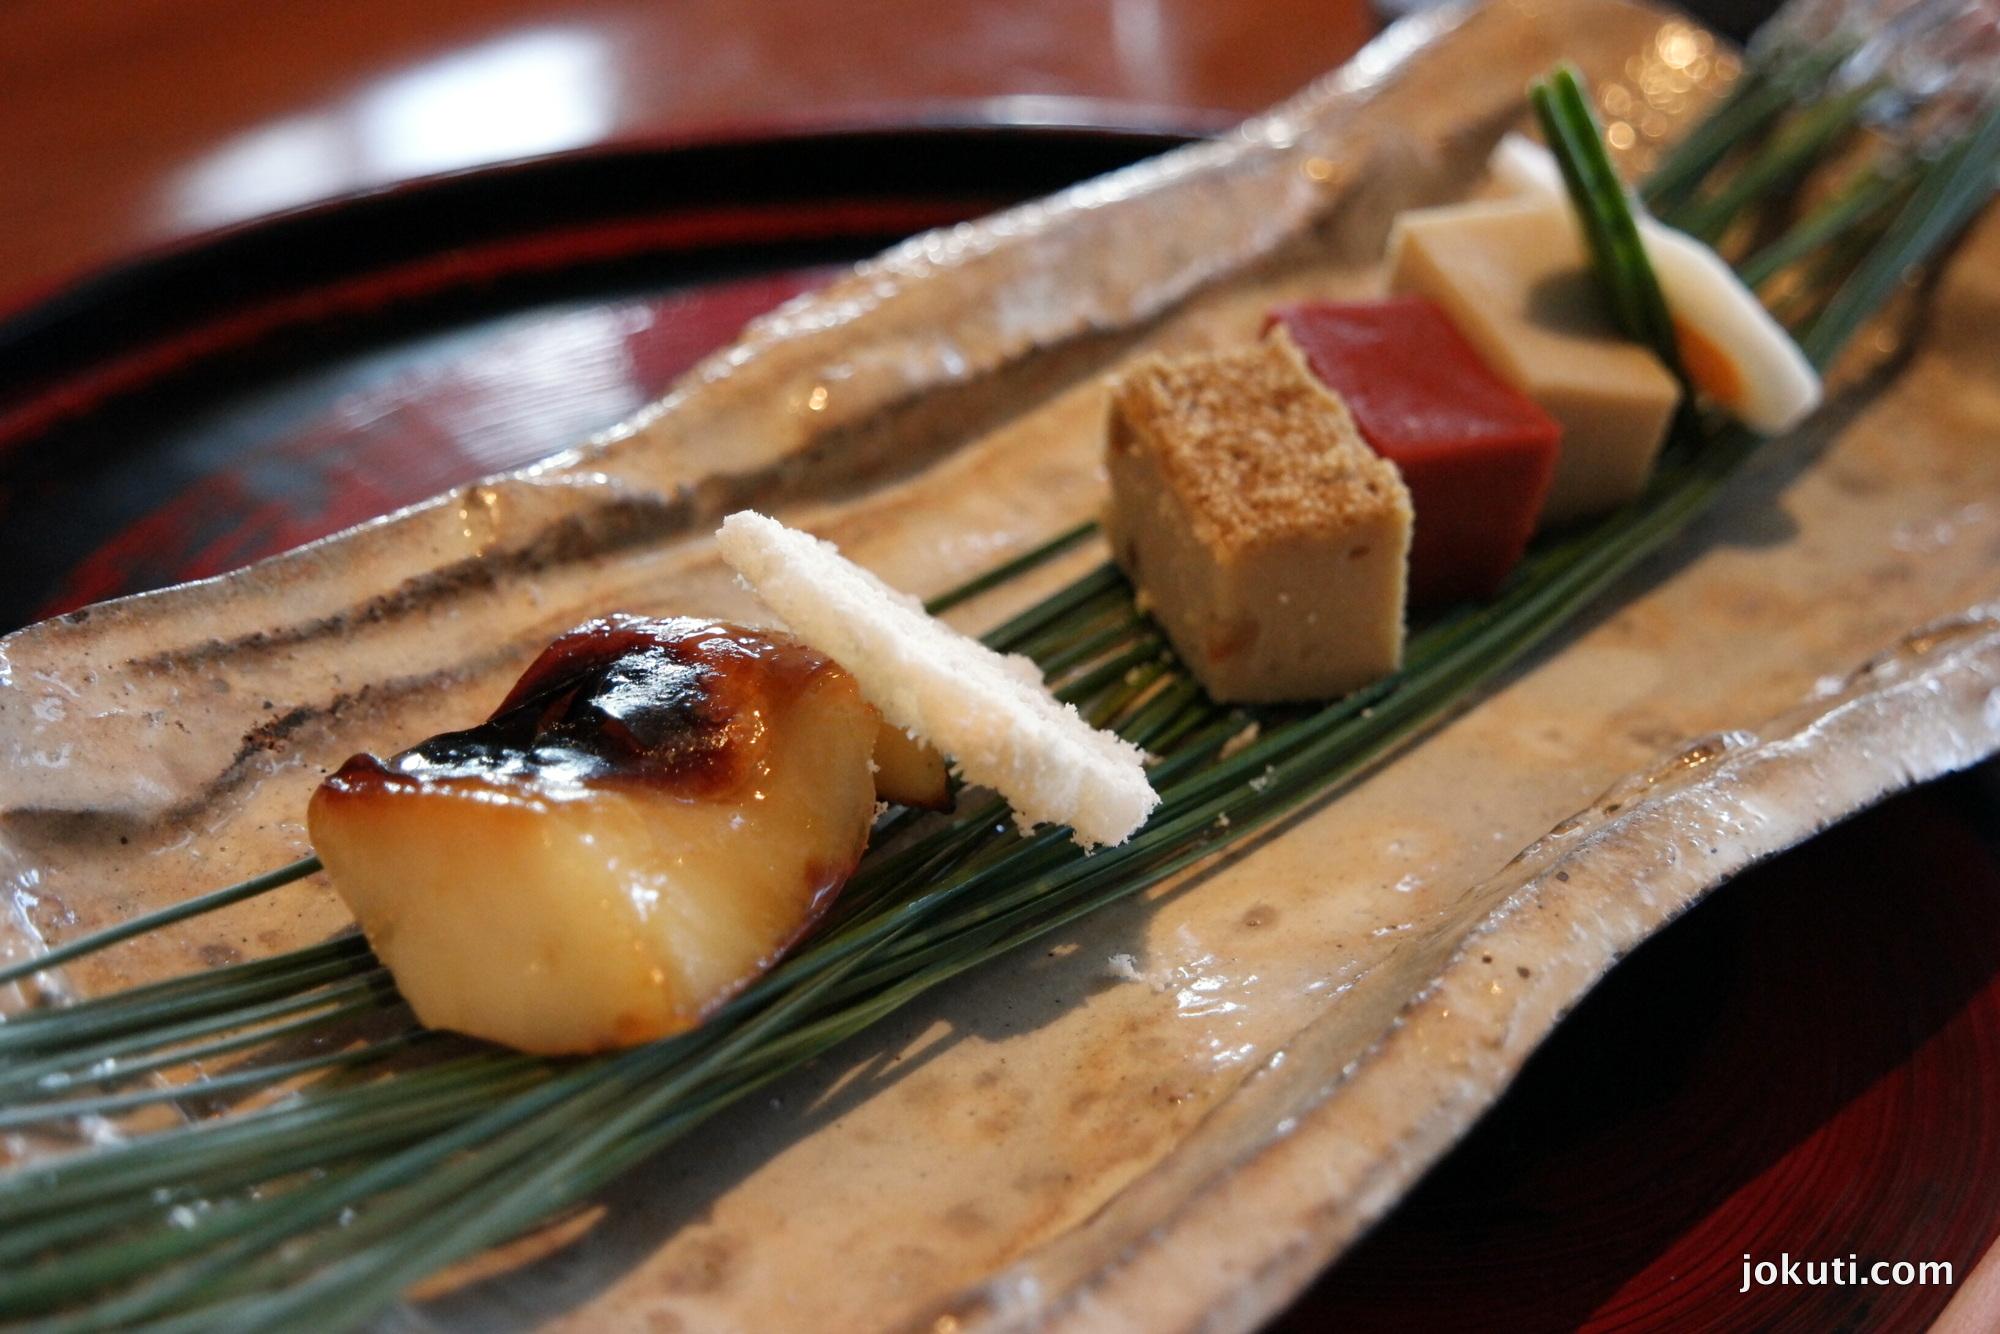 Grillezett vajhal, és egyéb finomságok